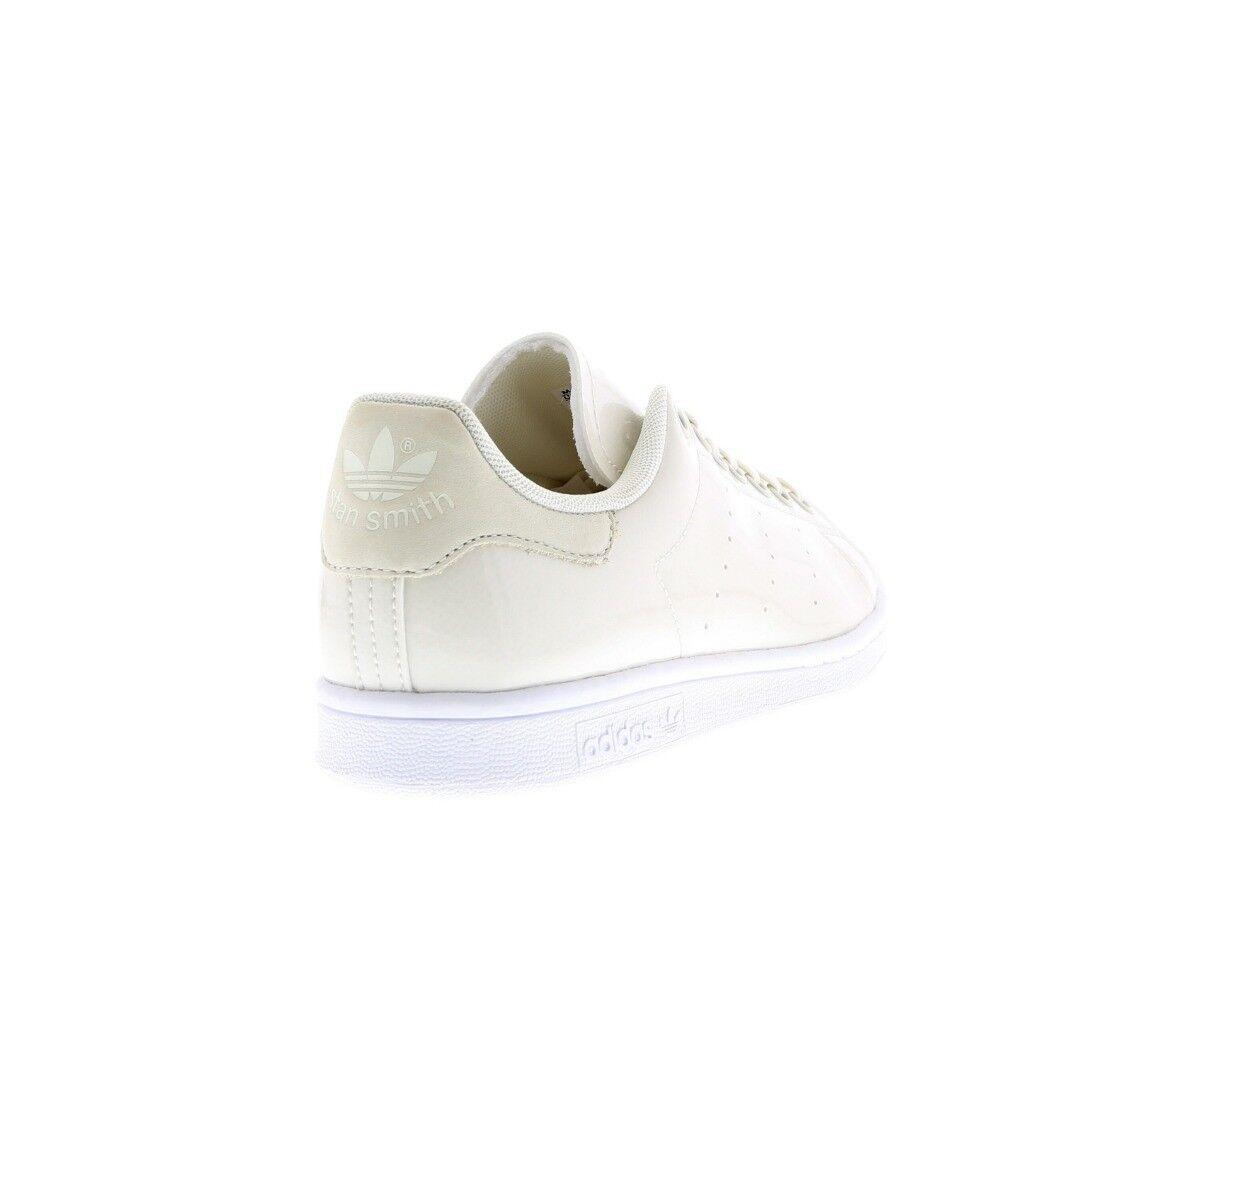 Adidas Damenss stan smith trainer schuh uk weiße größe 6 6,5 7 weiße uk schuhe laufen rrp / - 9ca0c0